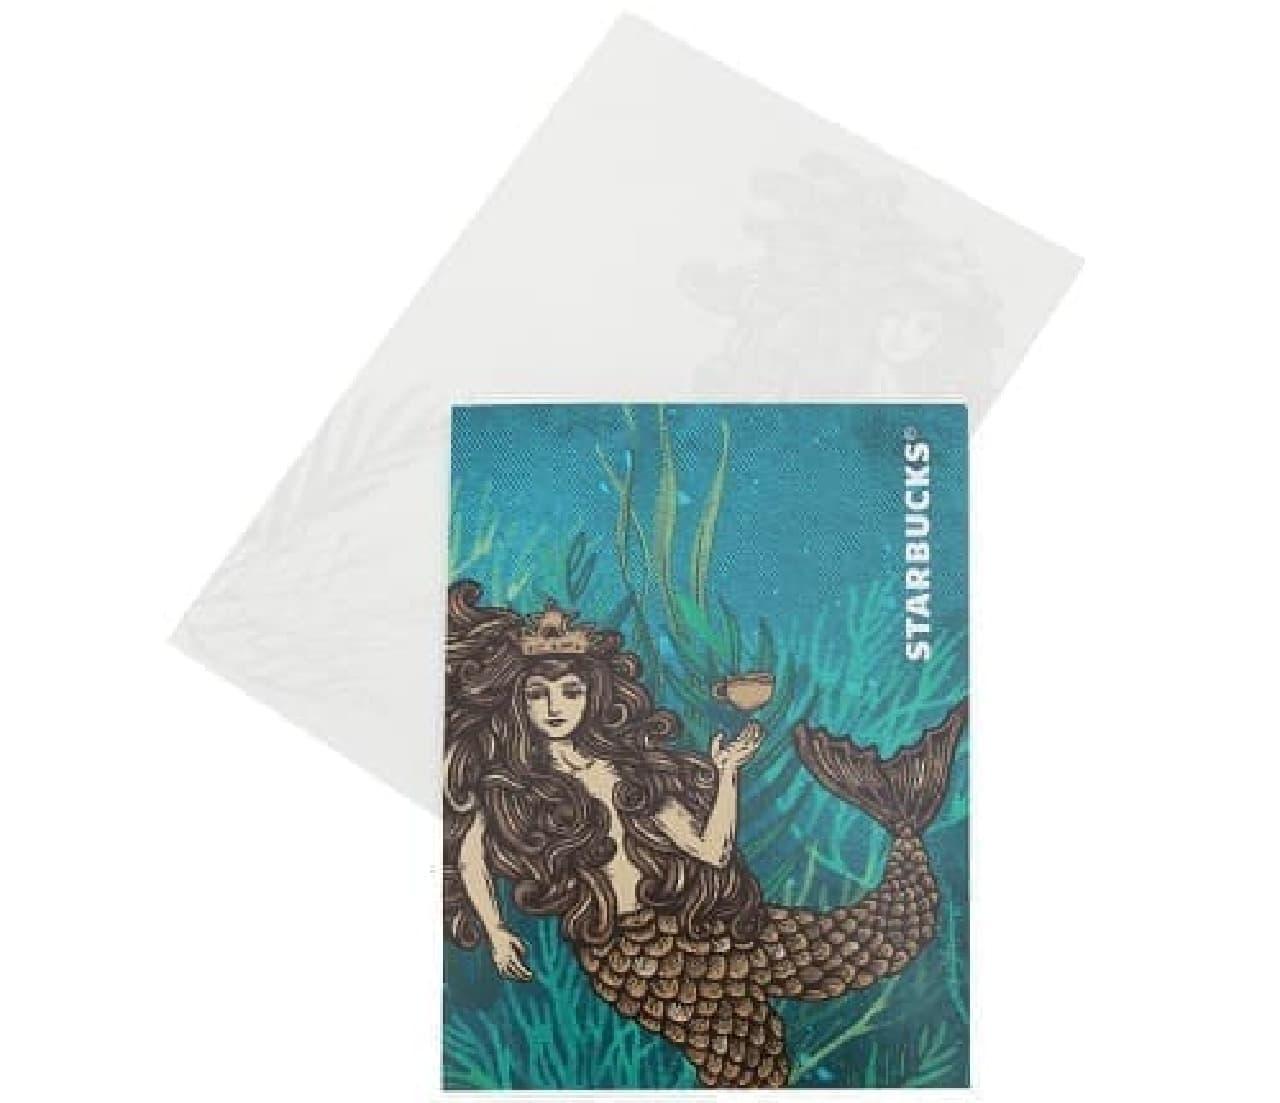 スターバックス「アニバーサリー2018ビバレッジカード」